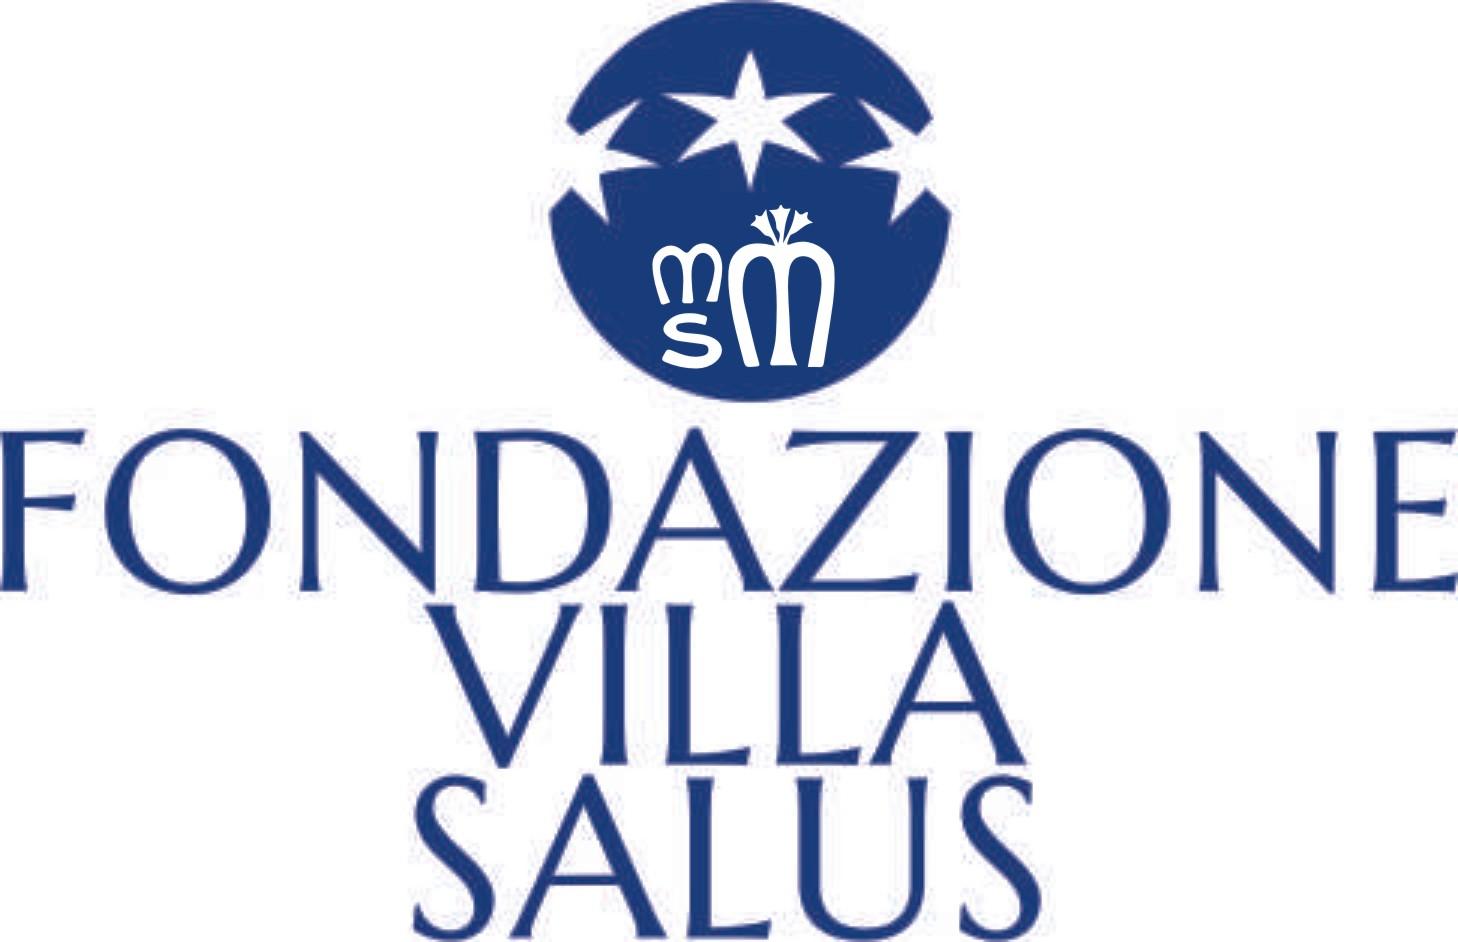 logo fondazione VILLA SALUS